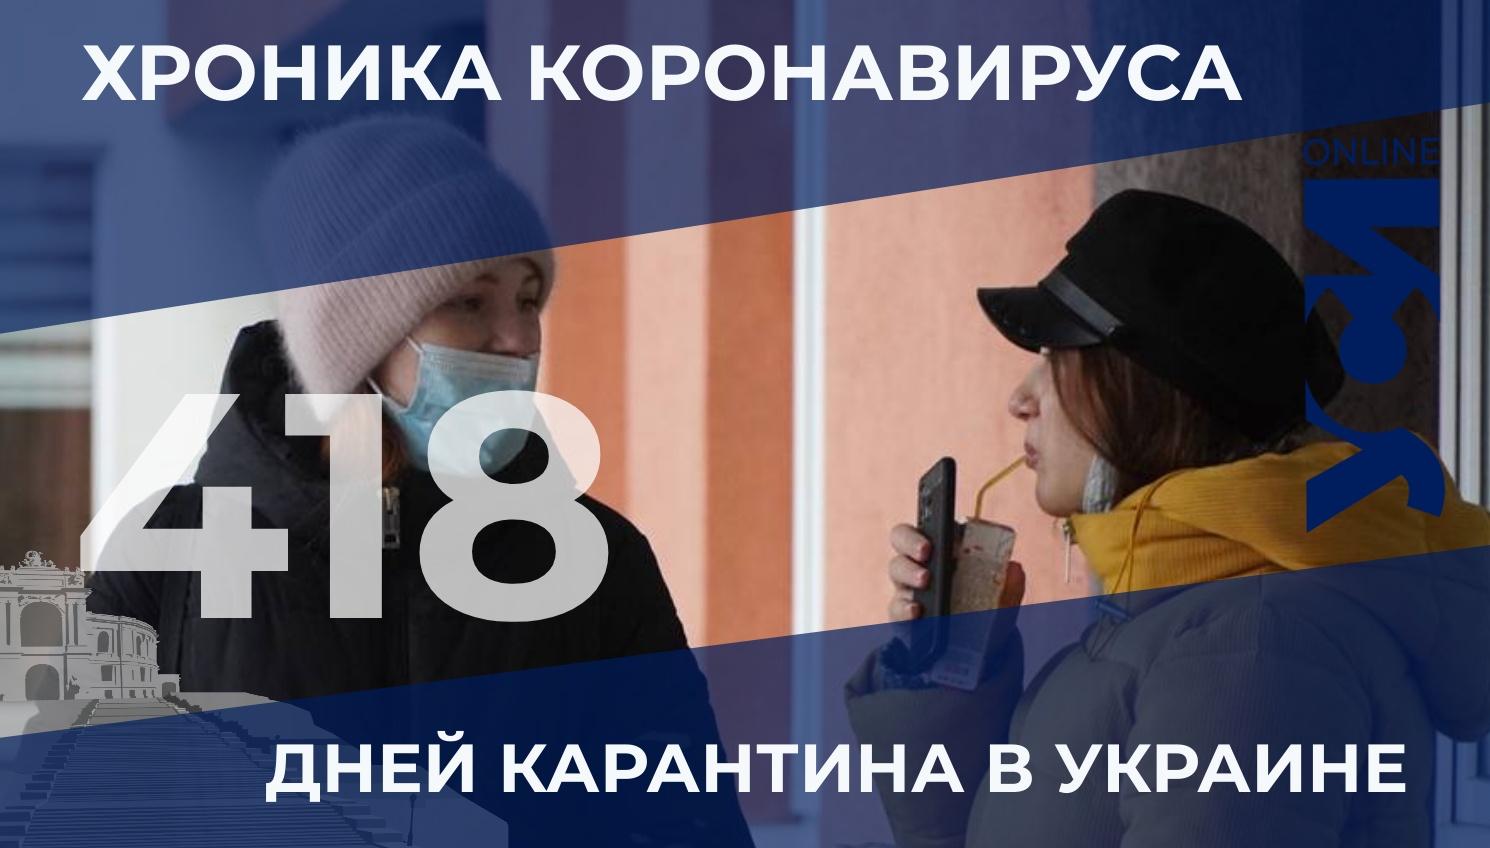 Хроника коронавируса: 143 новых заболевших в Одесской области «фото»